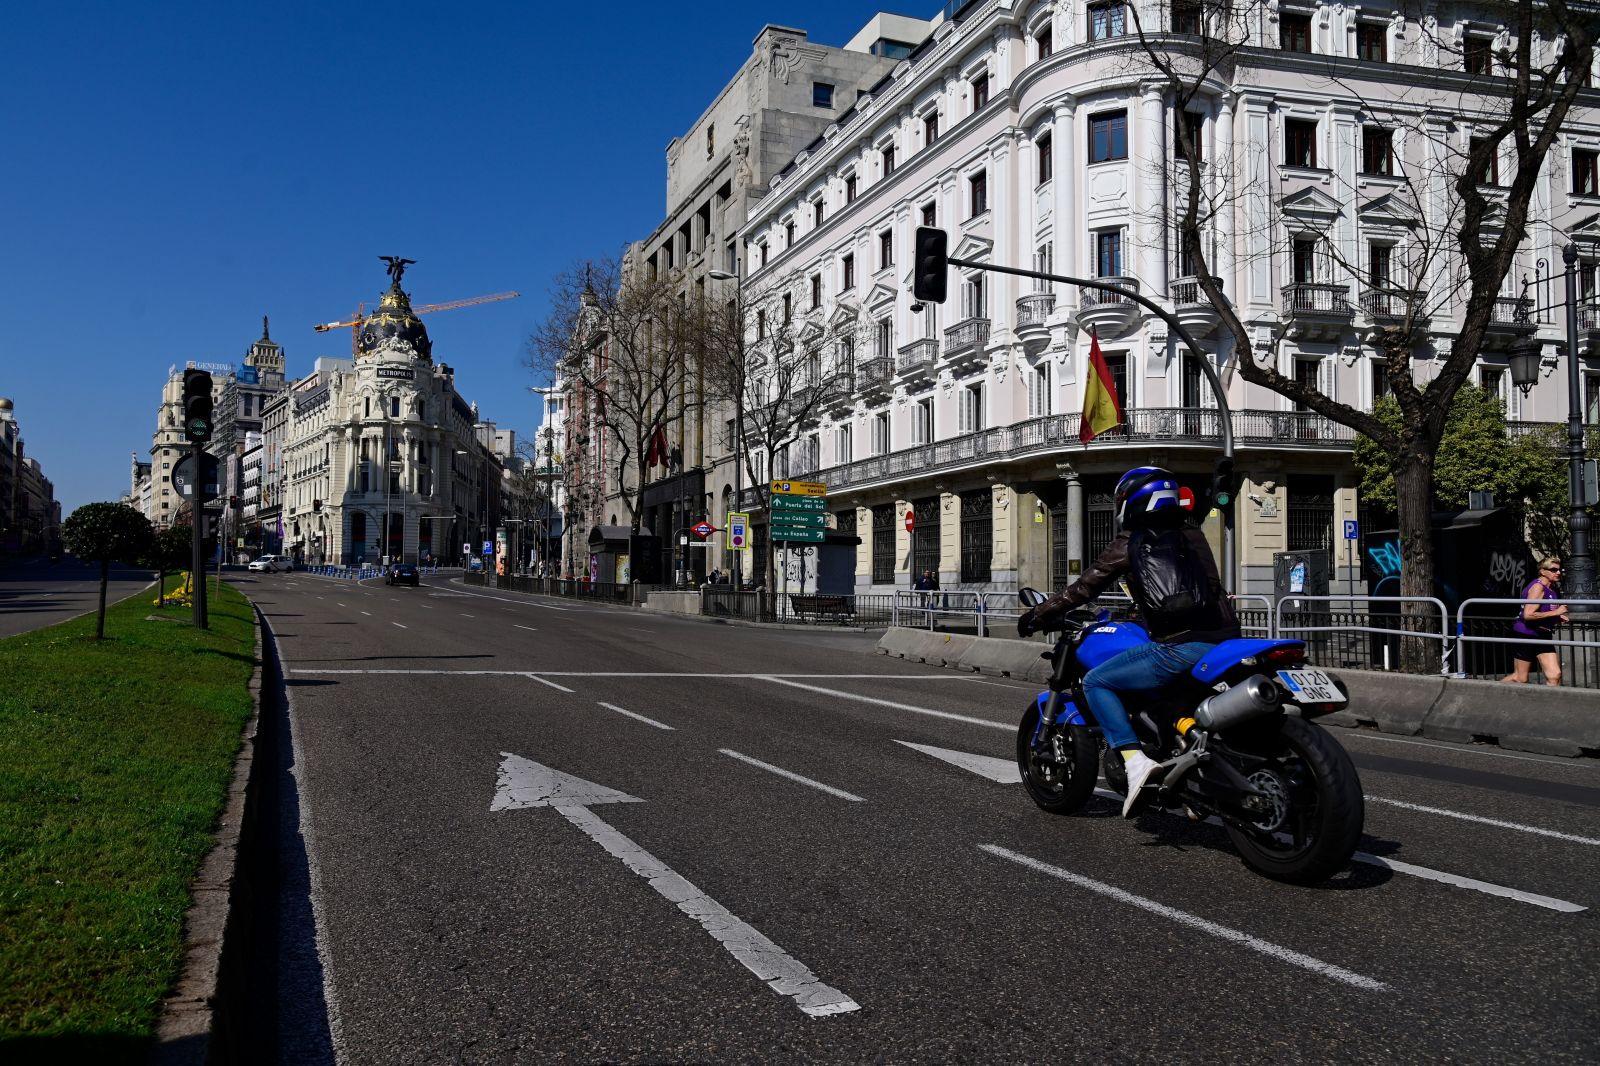 Cảnh vắng vẻ tại một con phố ở Madrid, Tây Ban Nha ngày 14/3/2020, sau khi chính quyền nước này ban bố tình trạng khẩn cấp quốc gia do dịch COVID-19. Ảnh: AFP/TTXVN